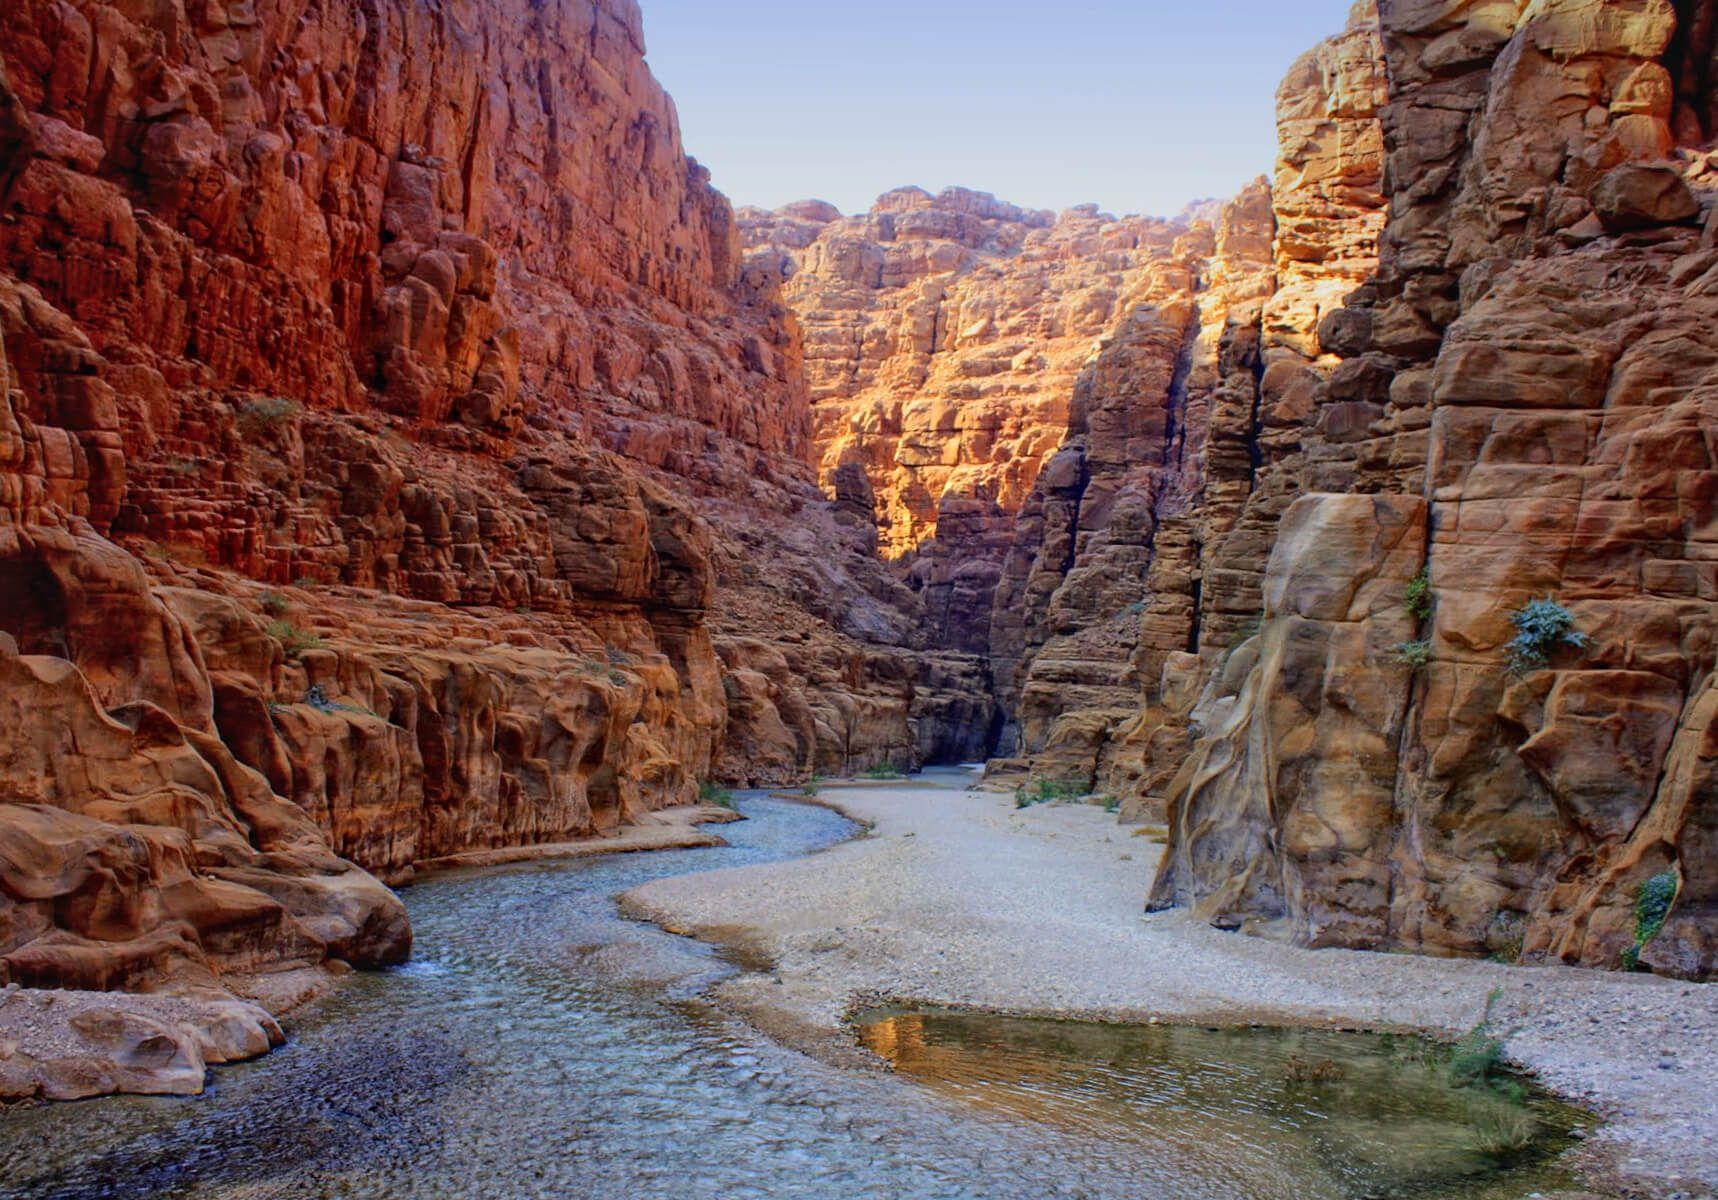 上图:亚嫩河谷非常深。这条河从海拔900米一直到海平面以下400米的死海,1,300米的高度落差结合来自谷地7条支流的常年流水,使得这里有超过300种植物、10种肉食动物,以及许多永久性与季节性鸟类。